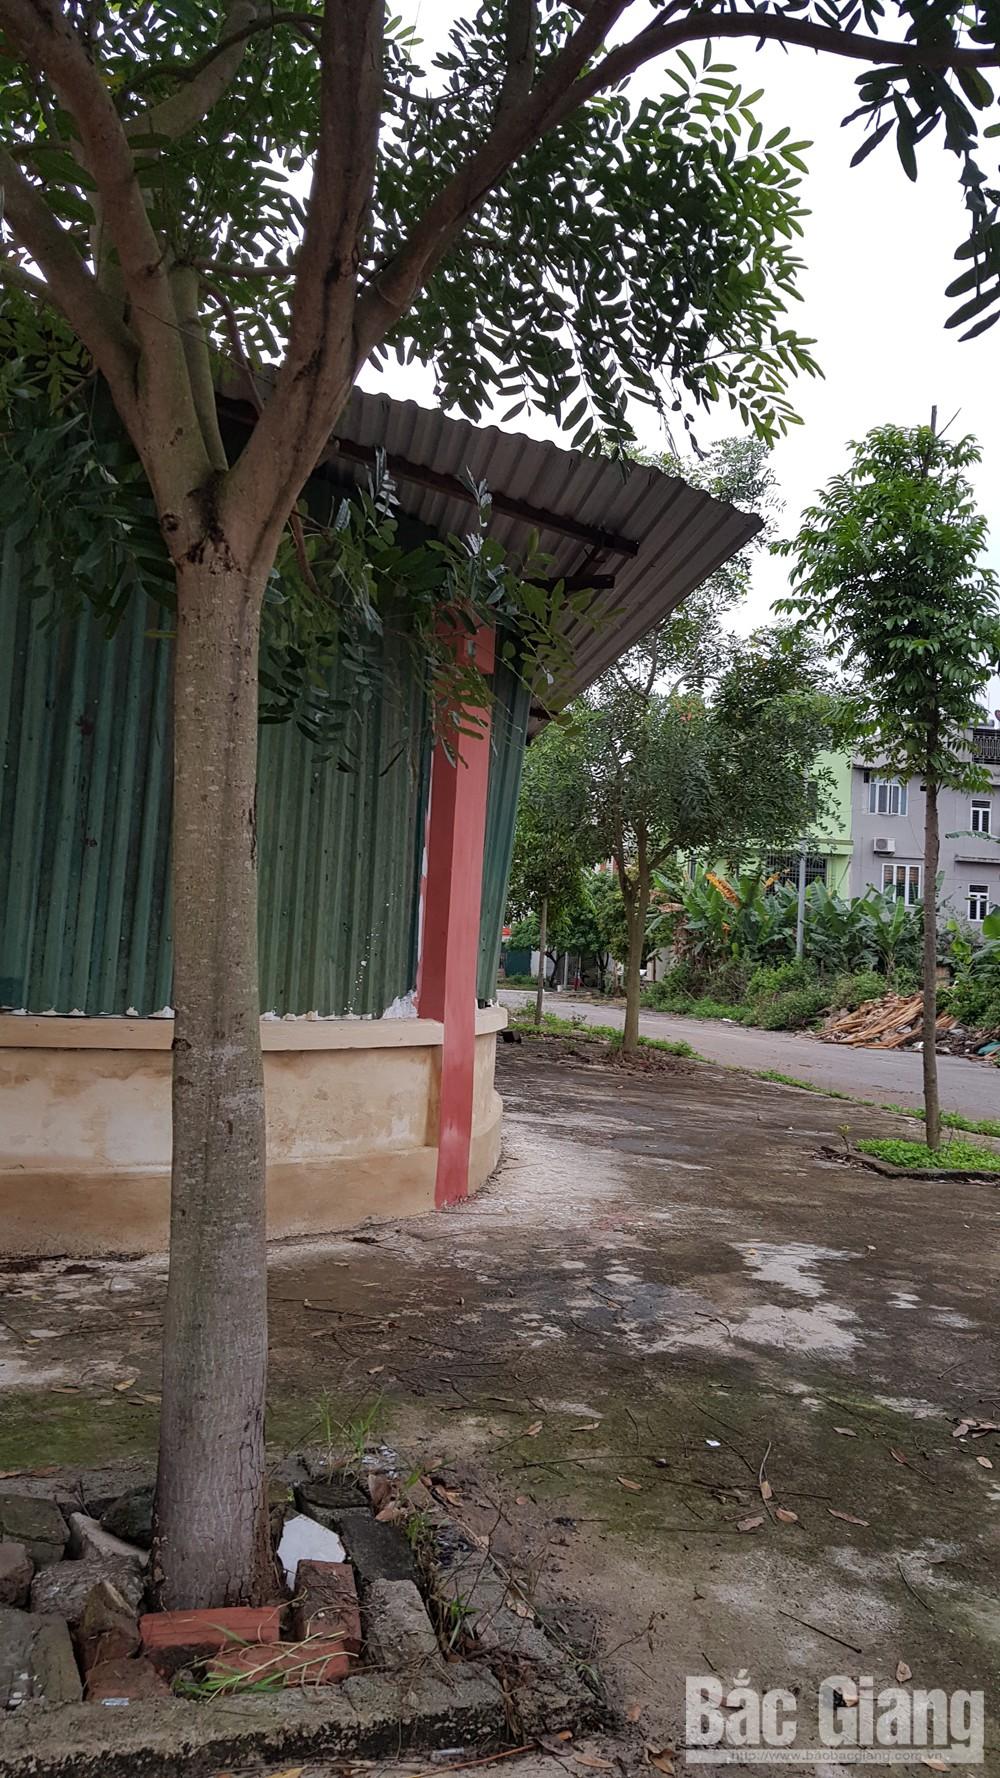 Chốt chặn, vô hiệu hóa điểm sử dụng ma túy trái phép tại phường Trần Nguyên Hãn, TP Bắc Giang